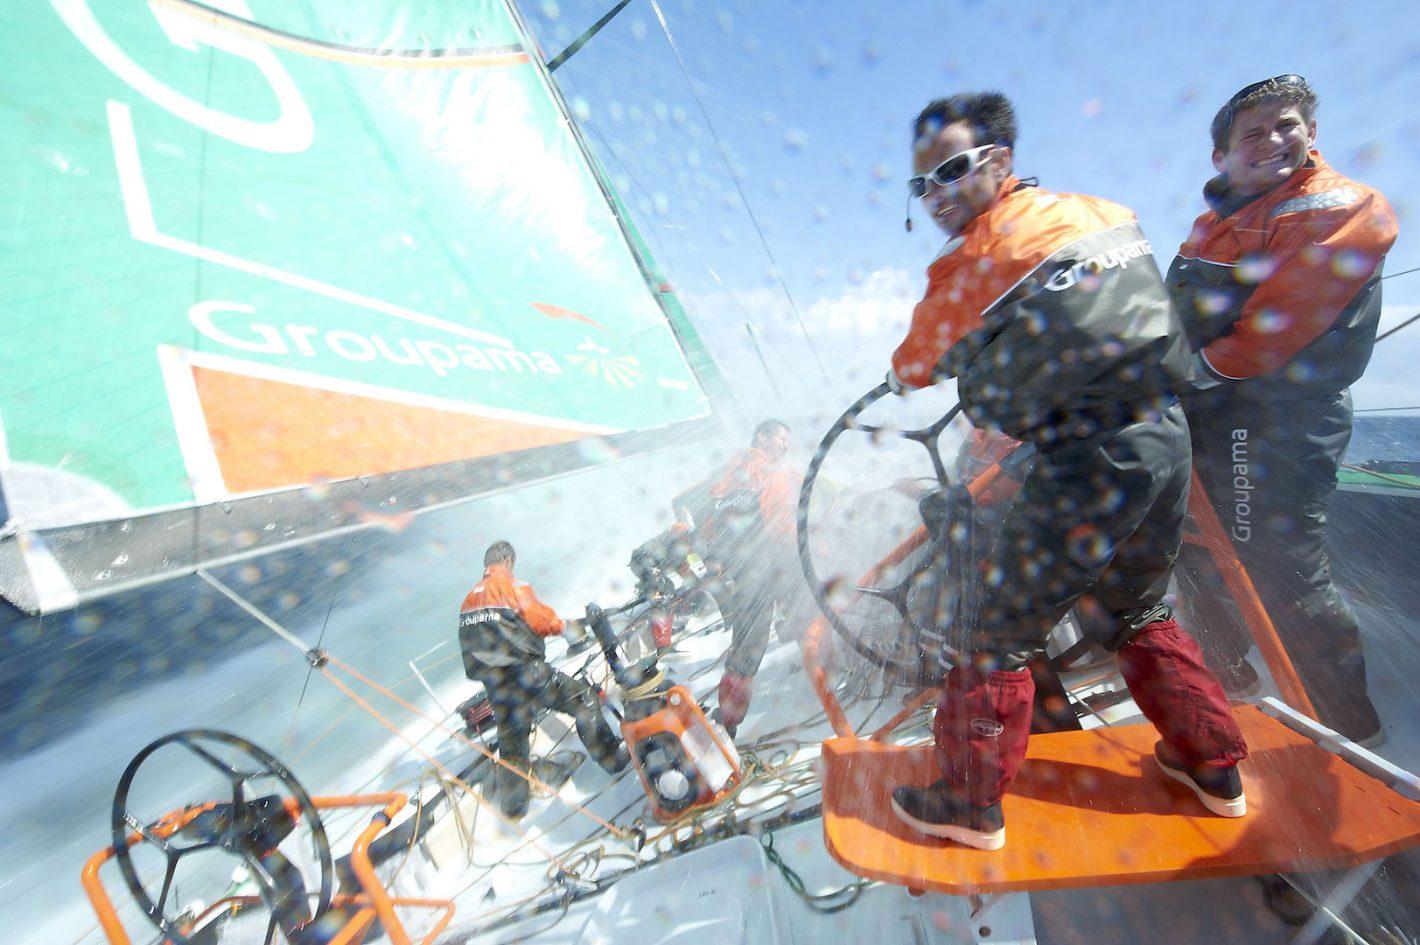 Franck Cammas et son équipage sur Groupama 4 - Entraînement Volvo Ocean Race 2011 - Nikon D3S - Nikkor 14-24 mm f/2.8